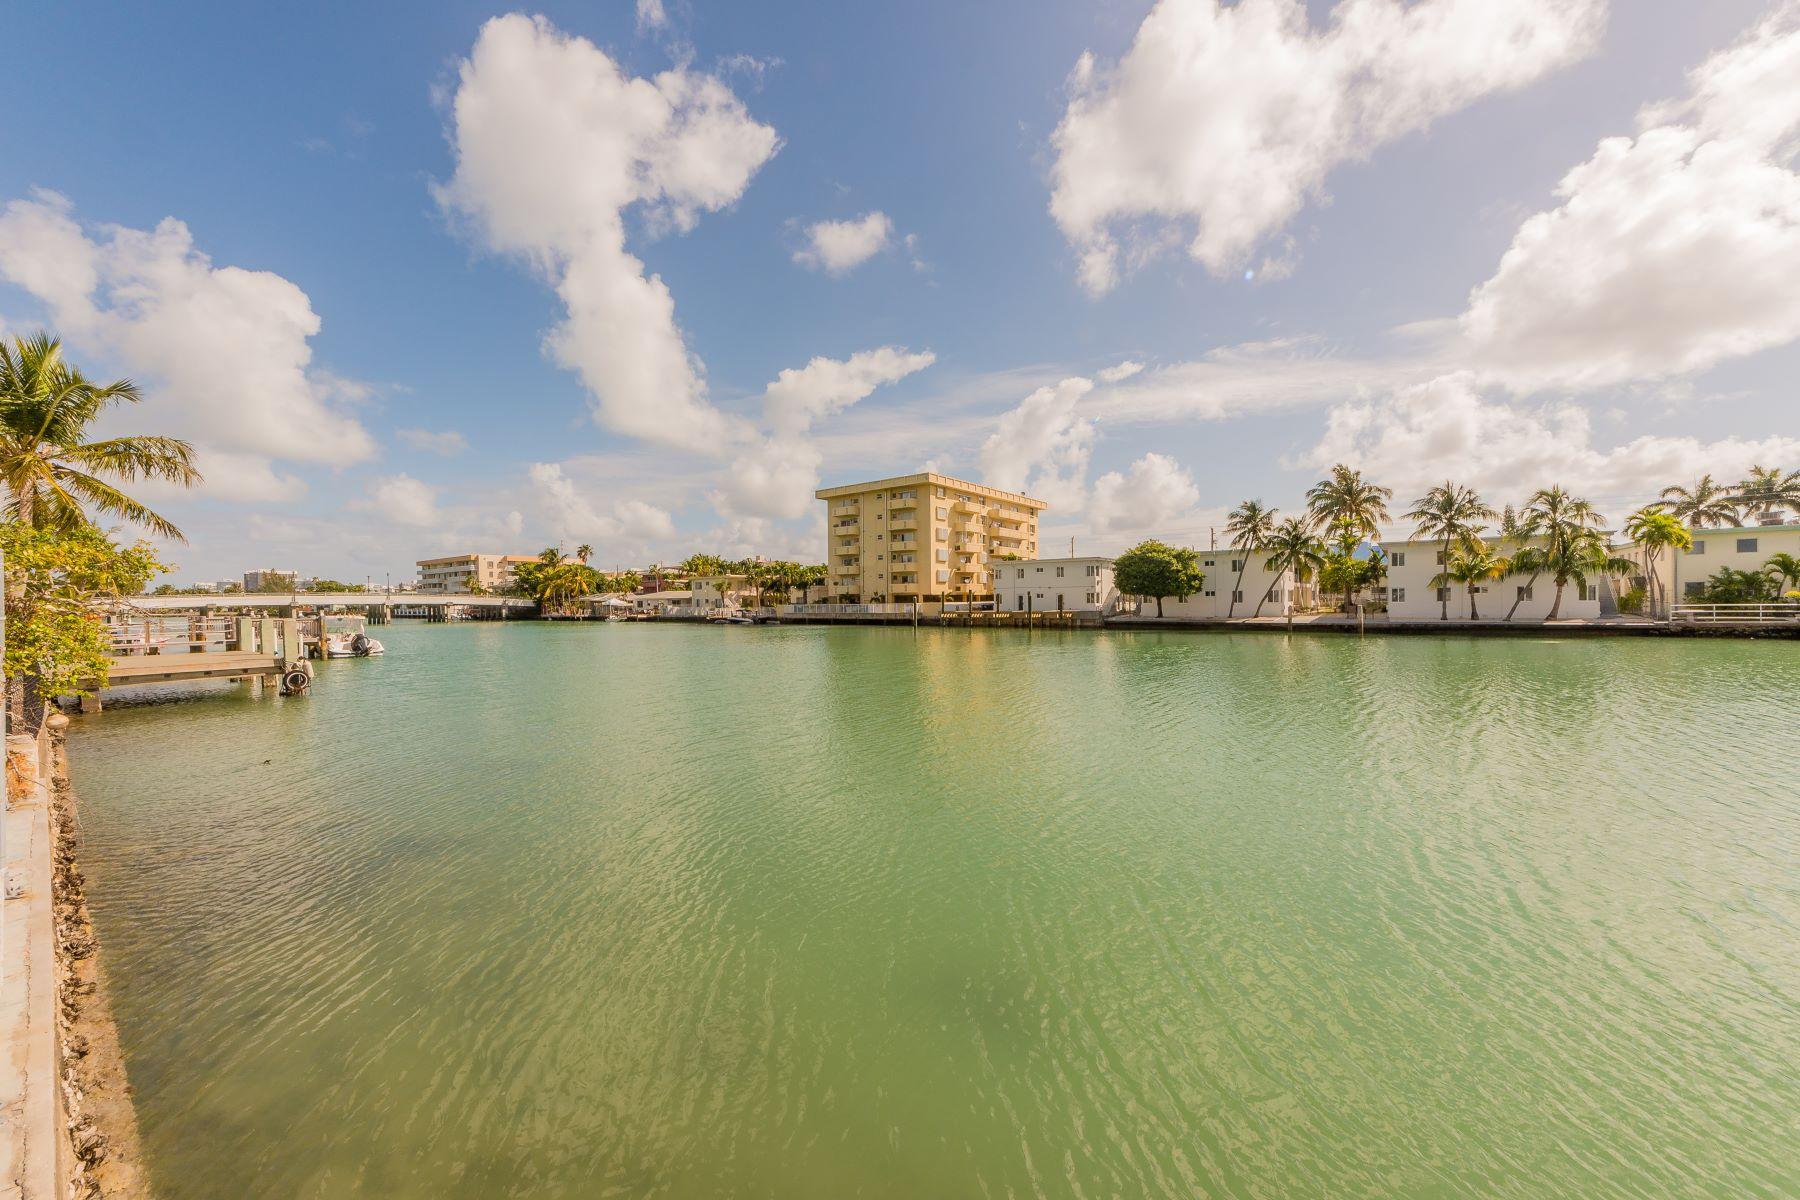 Частный односемейный дом для того Продажа на 8305 Crespi Blvd 8305 Crespi Blvd 4D, Miami Beach, Флорида, 33141 Соединенные Штаты